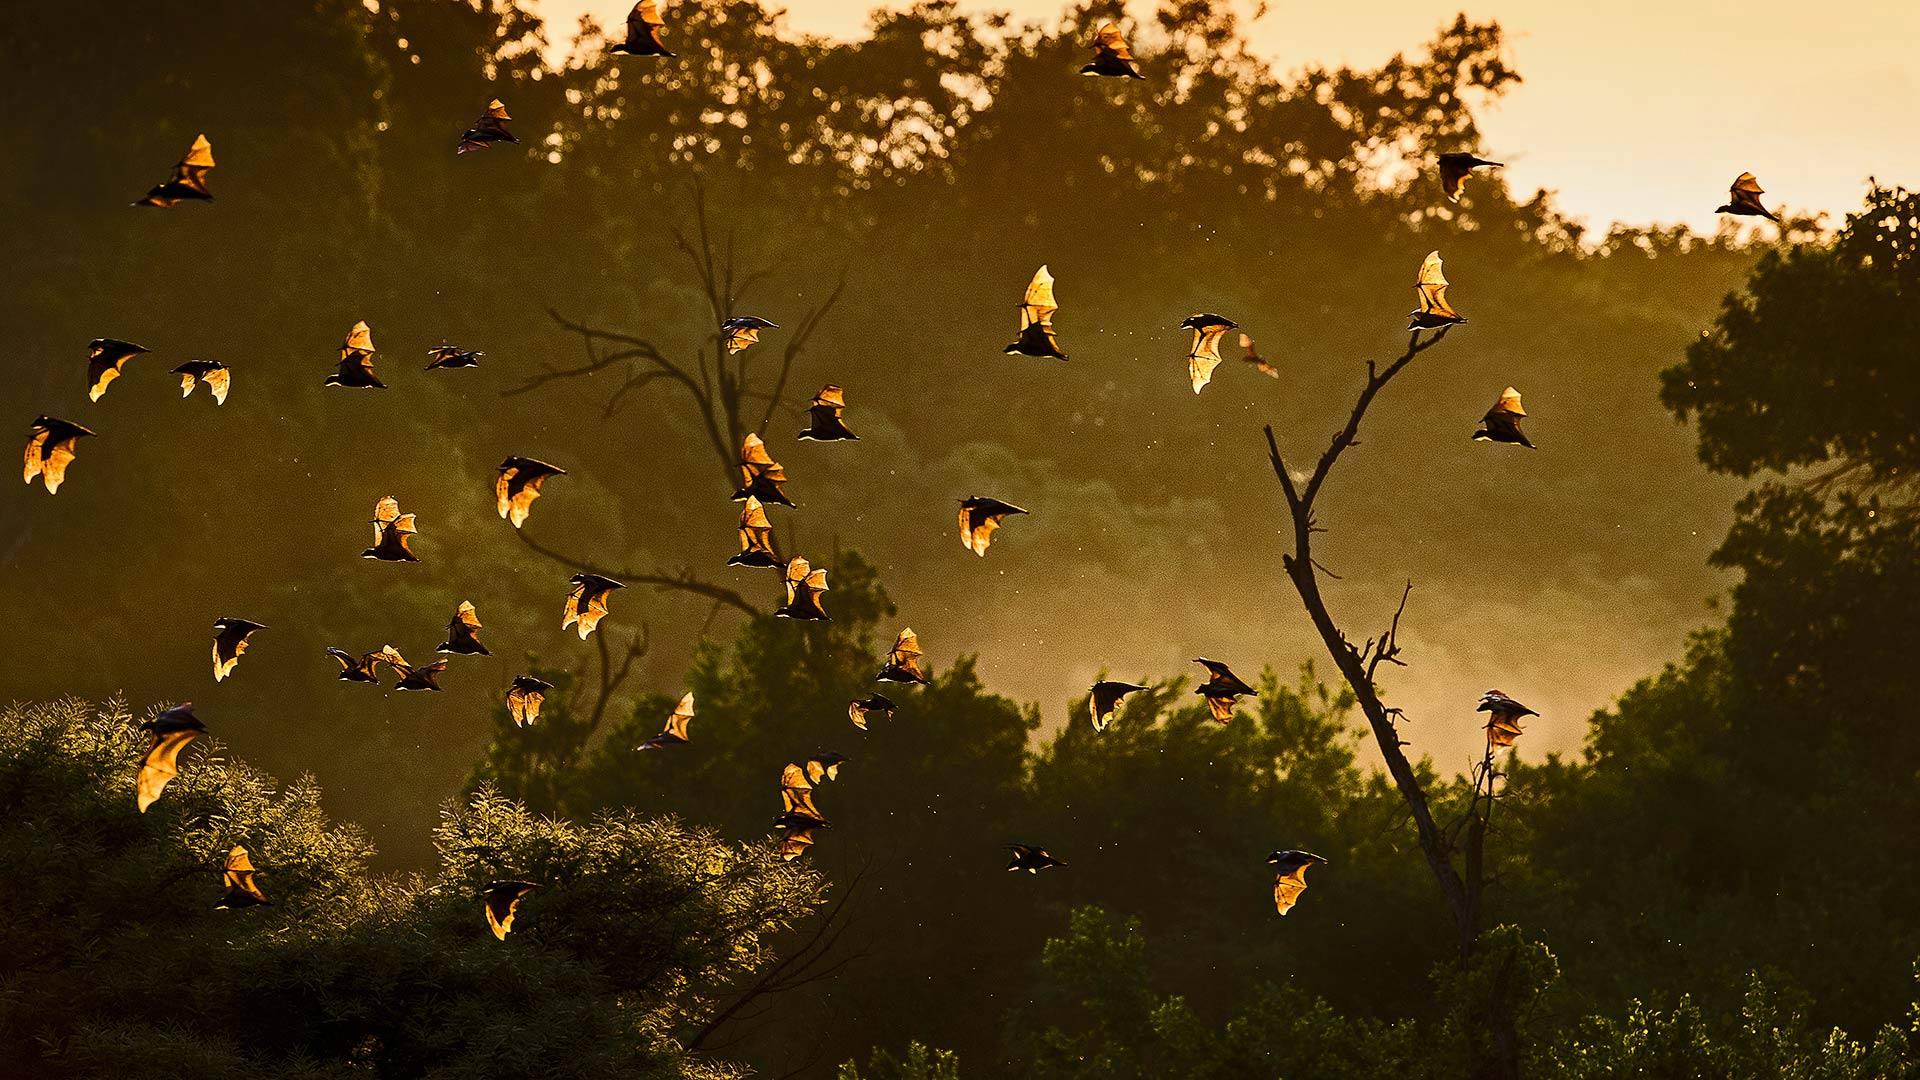 卡国家公园的黄毛果蝠